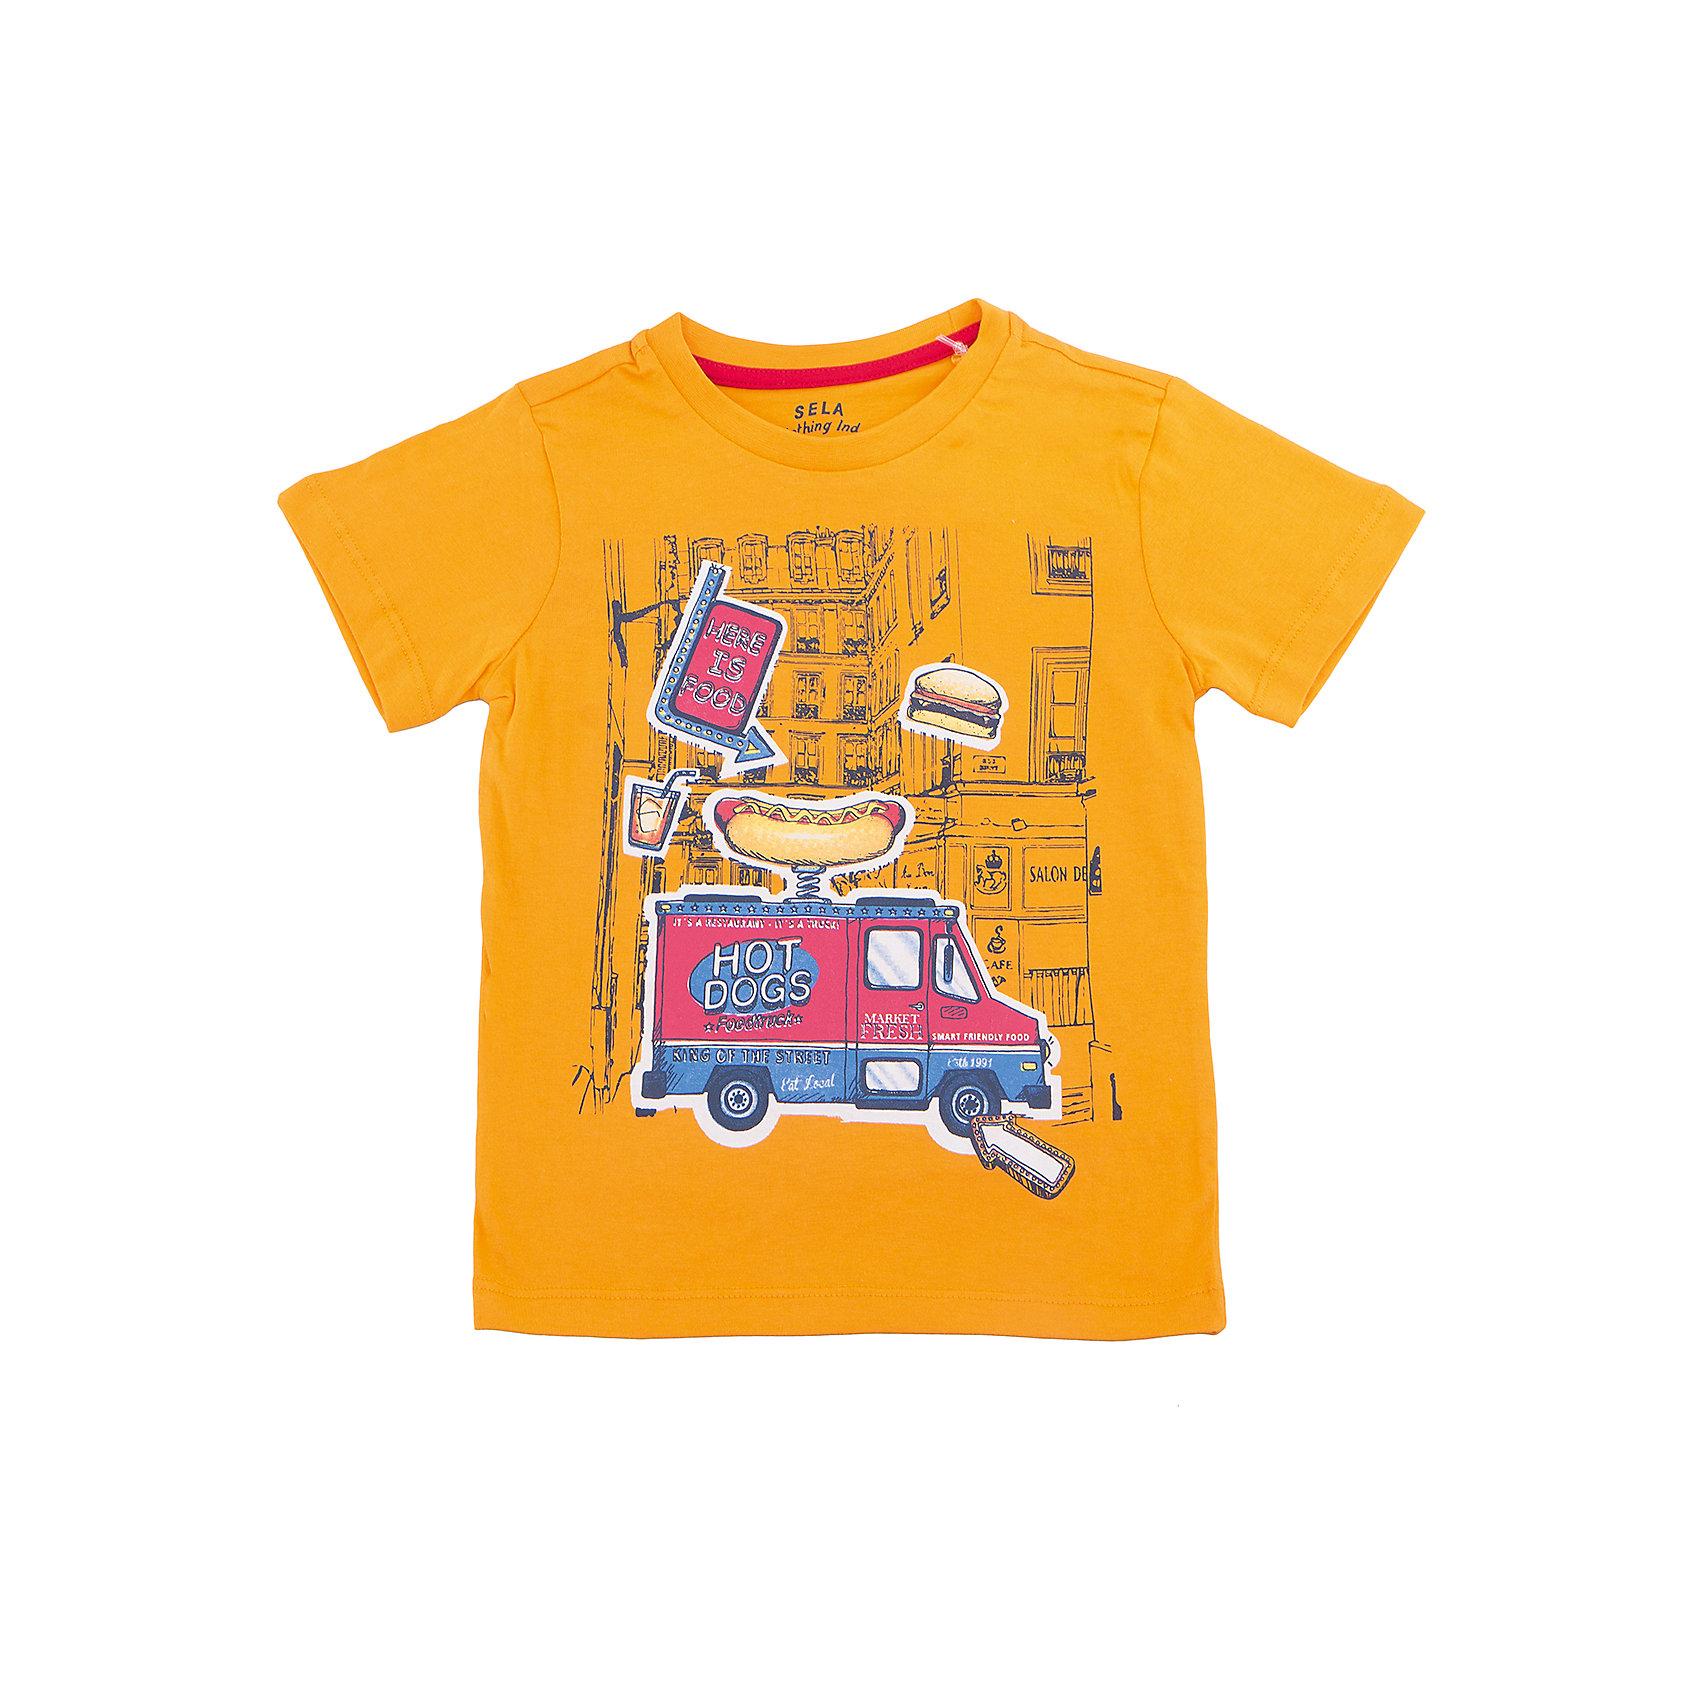 Футболка  для мальчика SELAФутболки, поло и топы<br>Характеристики товара:<br><br>• цвет: оранжевый<br>• состав: 100% хлопок<br>• принт<br>• короткие рукава<br>• округлый горловой вырез<br>• коллекция весна-лето 2017<br>• страна бренда: Российская Федерация<br><br>В новой коллекции SELA отличные модели одежды! Эта футболка для мальчика поможет разнообразить гардероб ребенка и обеспечить комфорт. Она отлично сочетается с джинсами и брюками. Удобная базовая вещь!<br><br>Одежда, обувь и аксессуары от российского бренда SELA не зря пользуются большой популярностью у детей и взрослых! Модели этой марки - стильные и удобные, цена при этом неизменно остается доступной. Для их производства используются только безопасные, качественные материалы и фурнитура. Новая коллекция поддерживает хорошие традиции бренда! <br><br>Футболку для мальчика от популярного бренда SELA (СЕЛА) можно купить в нашем интернет-магазине.<br><br>Ширина мм: 230<br>Глубина мм: 40<br>Высота мм: 220<br>Вес г: 250<br>Цвет: желтый<br>Возраст от месяцев: 60<br>Возраст до месяцев: 72<br>Пол: Мужской<br>Возраст: Детский<br>Размер: 116,92,98,104,110<br>SKU: 5303881